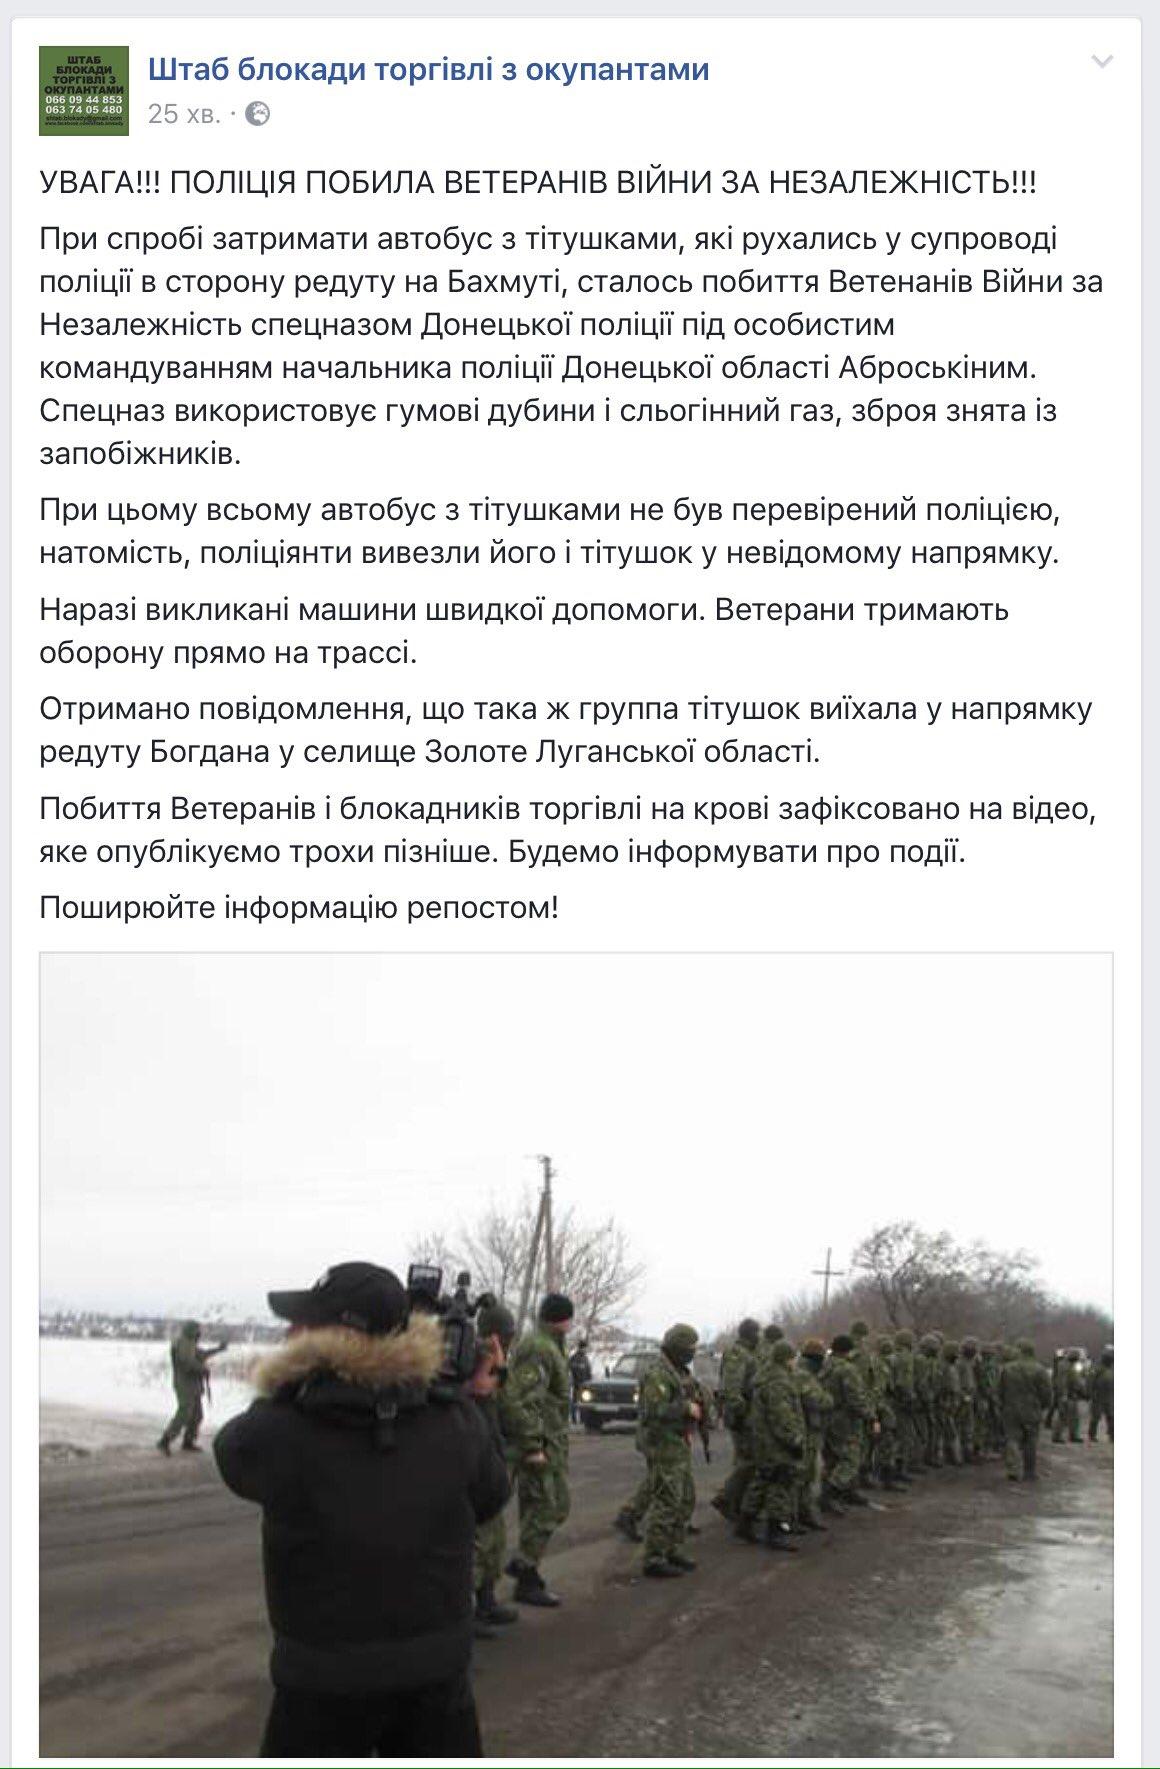 """Даже """"союзники"""" России в ООН понимают, что Крым - это Украина, - Ельченко - Цензор.НЕТ 7522"""